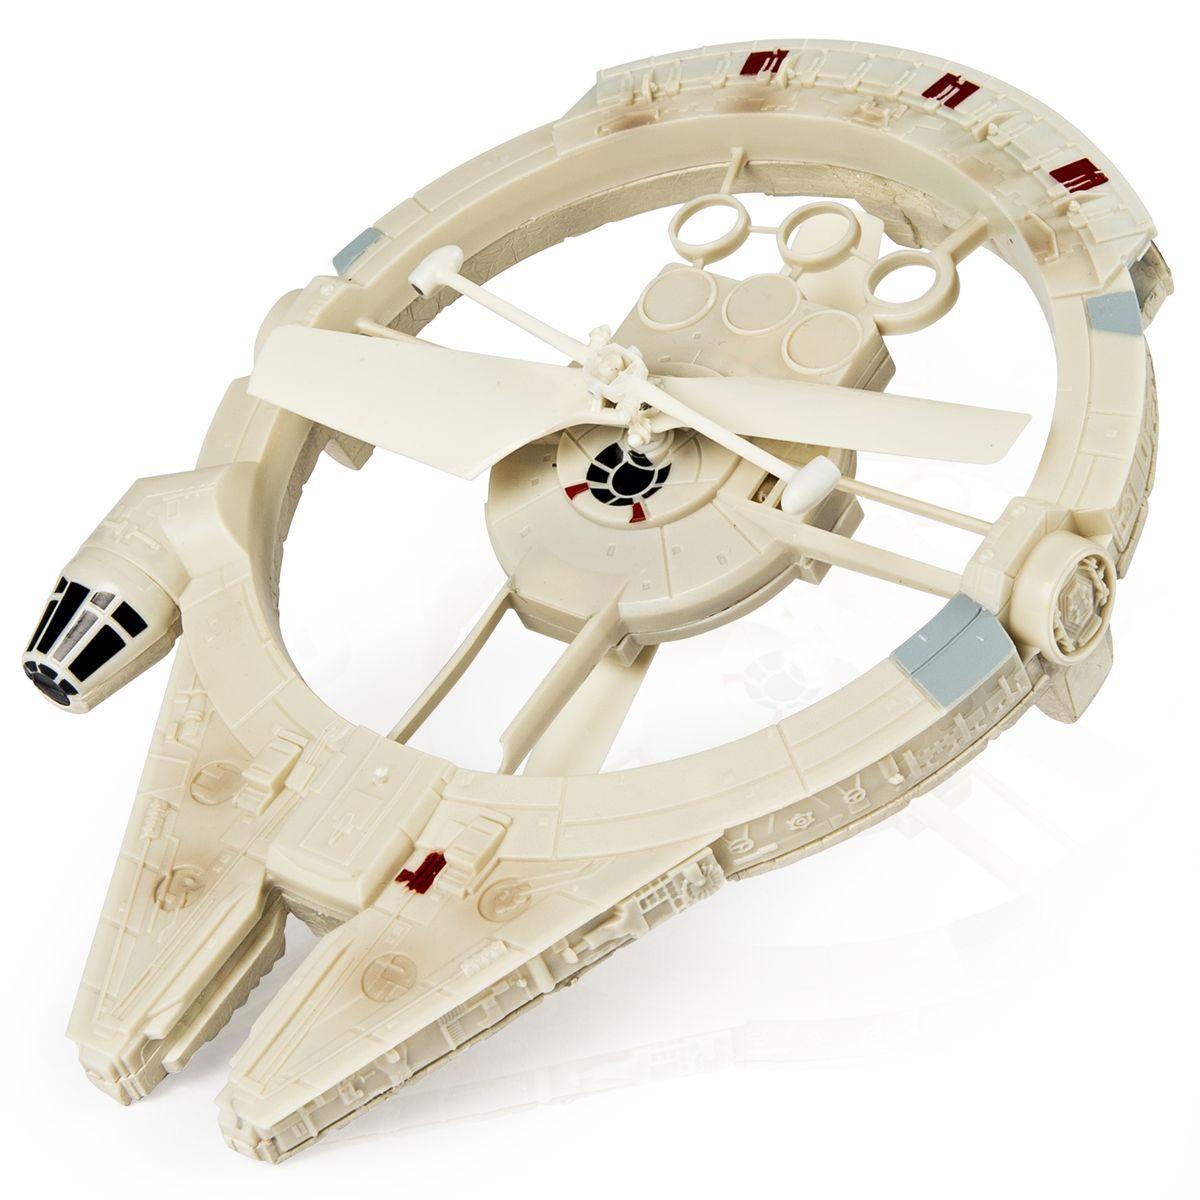 Star Wars Игрушка на радиоуправлении Летающий Сокол тысячелетия